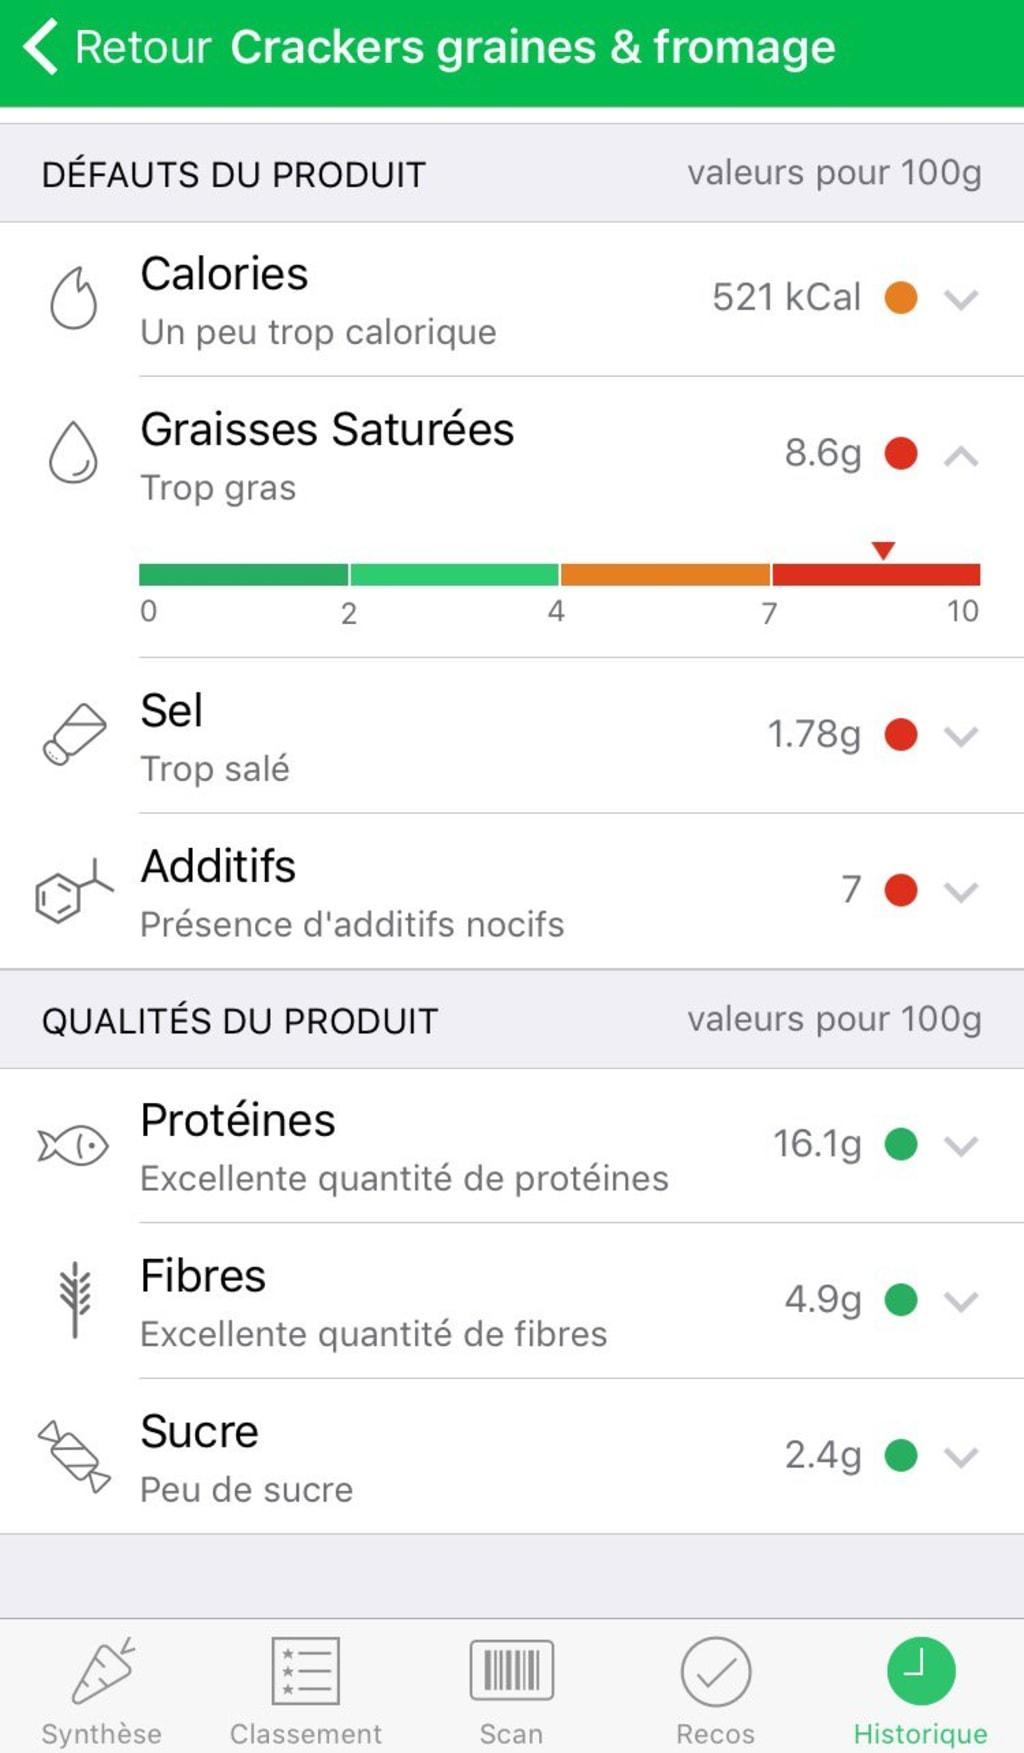 App Yuka - Test Yuka mauvais produit - Santé - 750x1284 - JPG